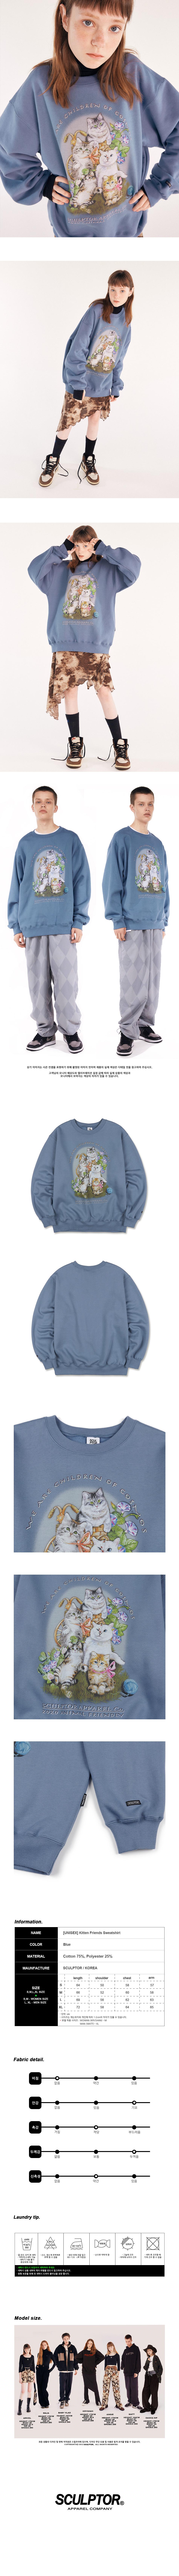 스컬프터(SCULPTOR) [UNISEX] Kitten Friends Sweatshirt  [BLUE]